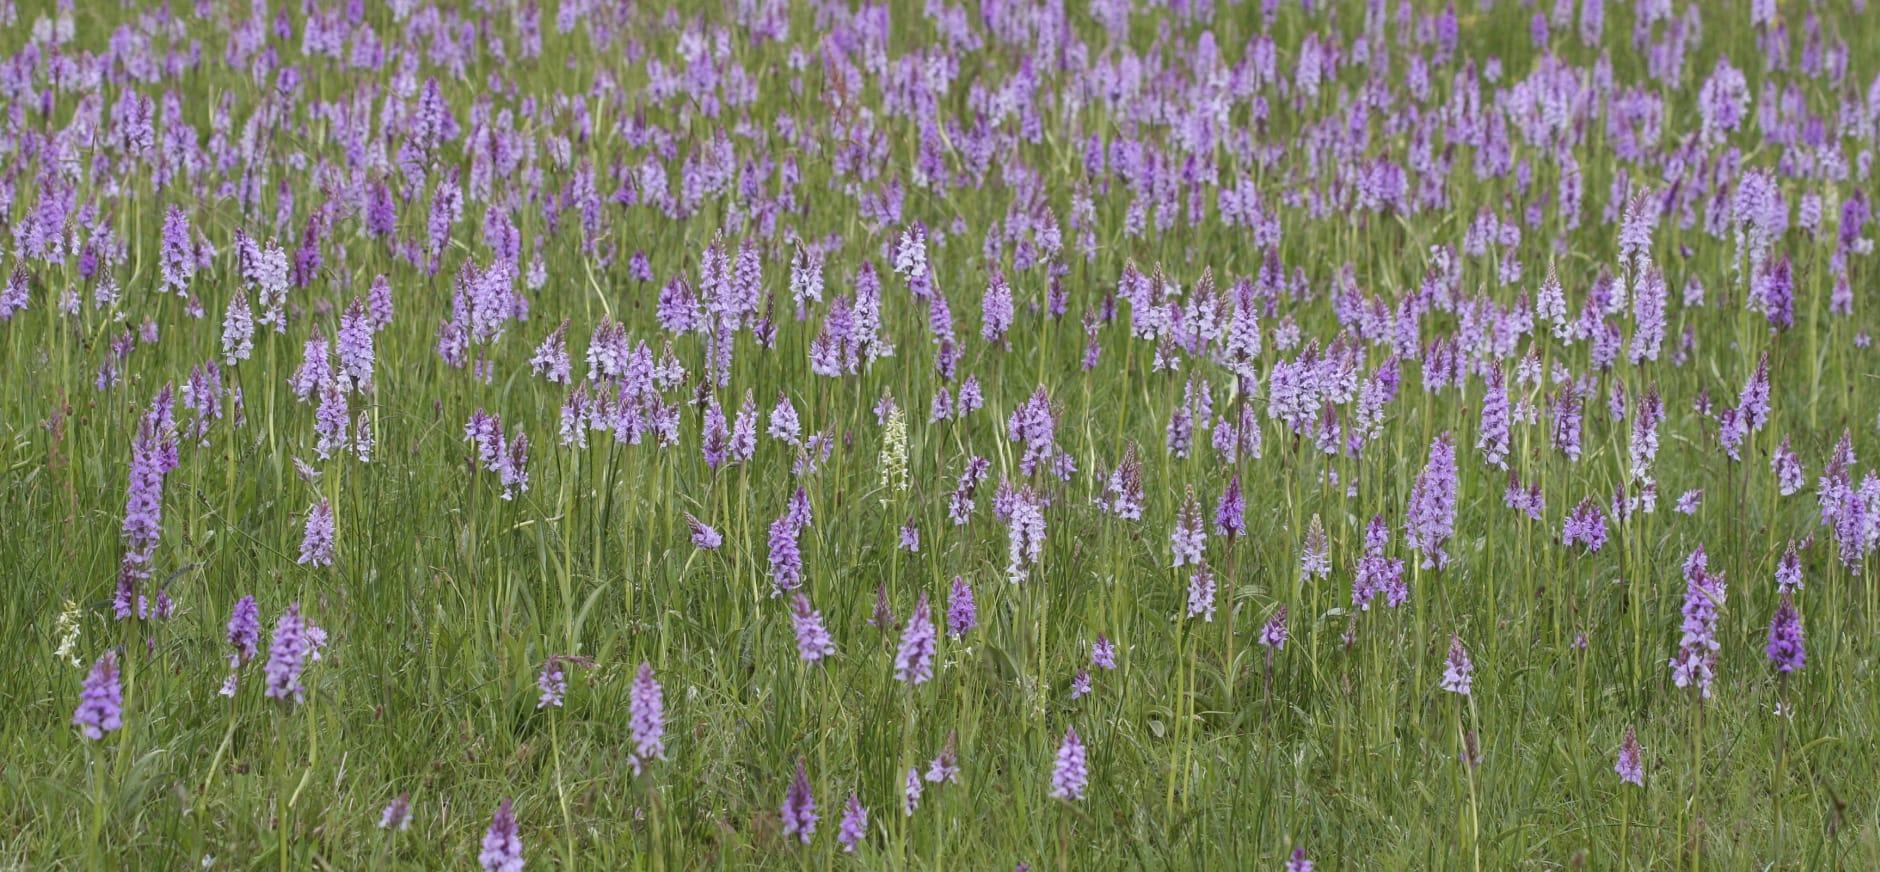 orchideeënrijk blauwgrasland